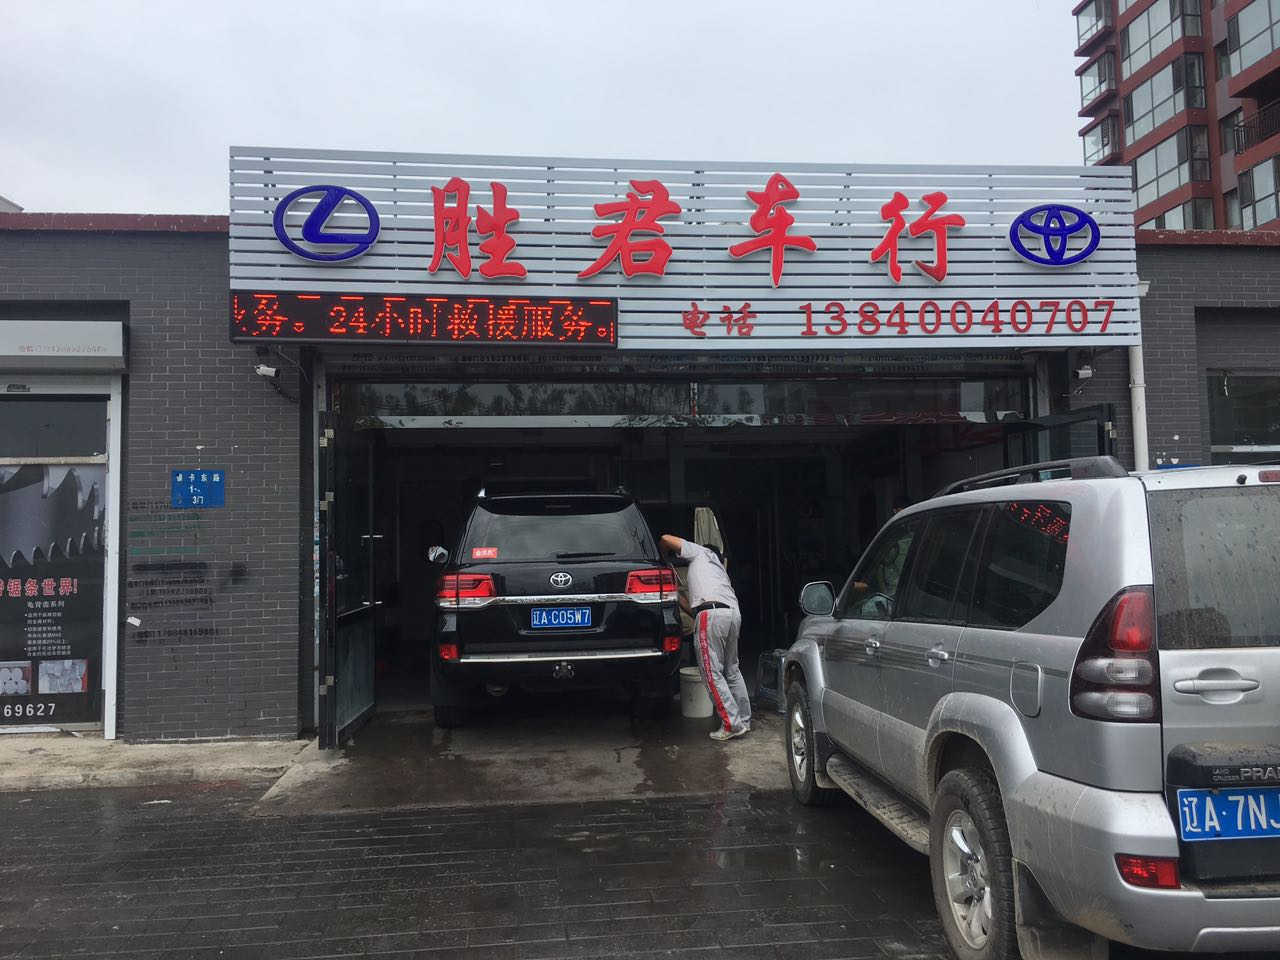 沈陽專業維修雷克薩斯-可靠的專業維修豐田公司當選沈陽君興源汽車維修